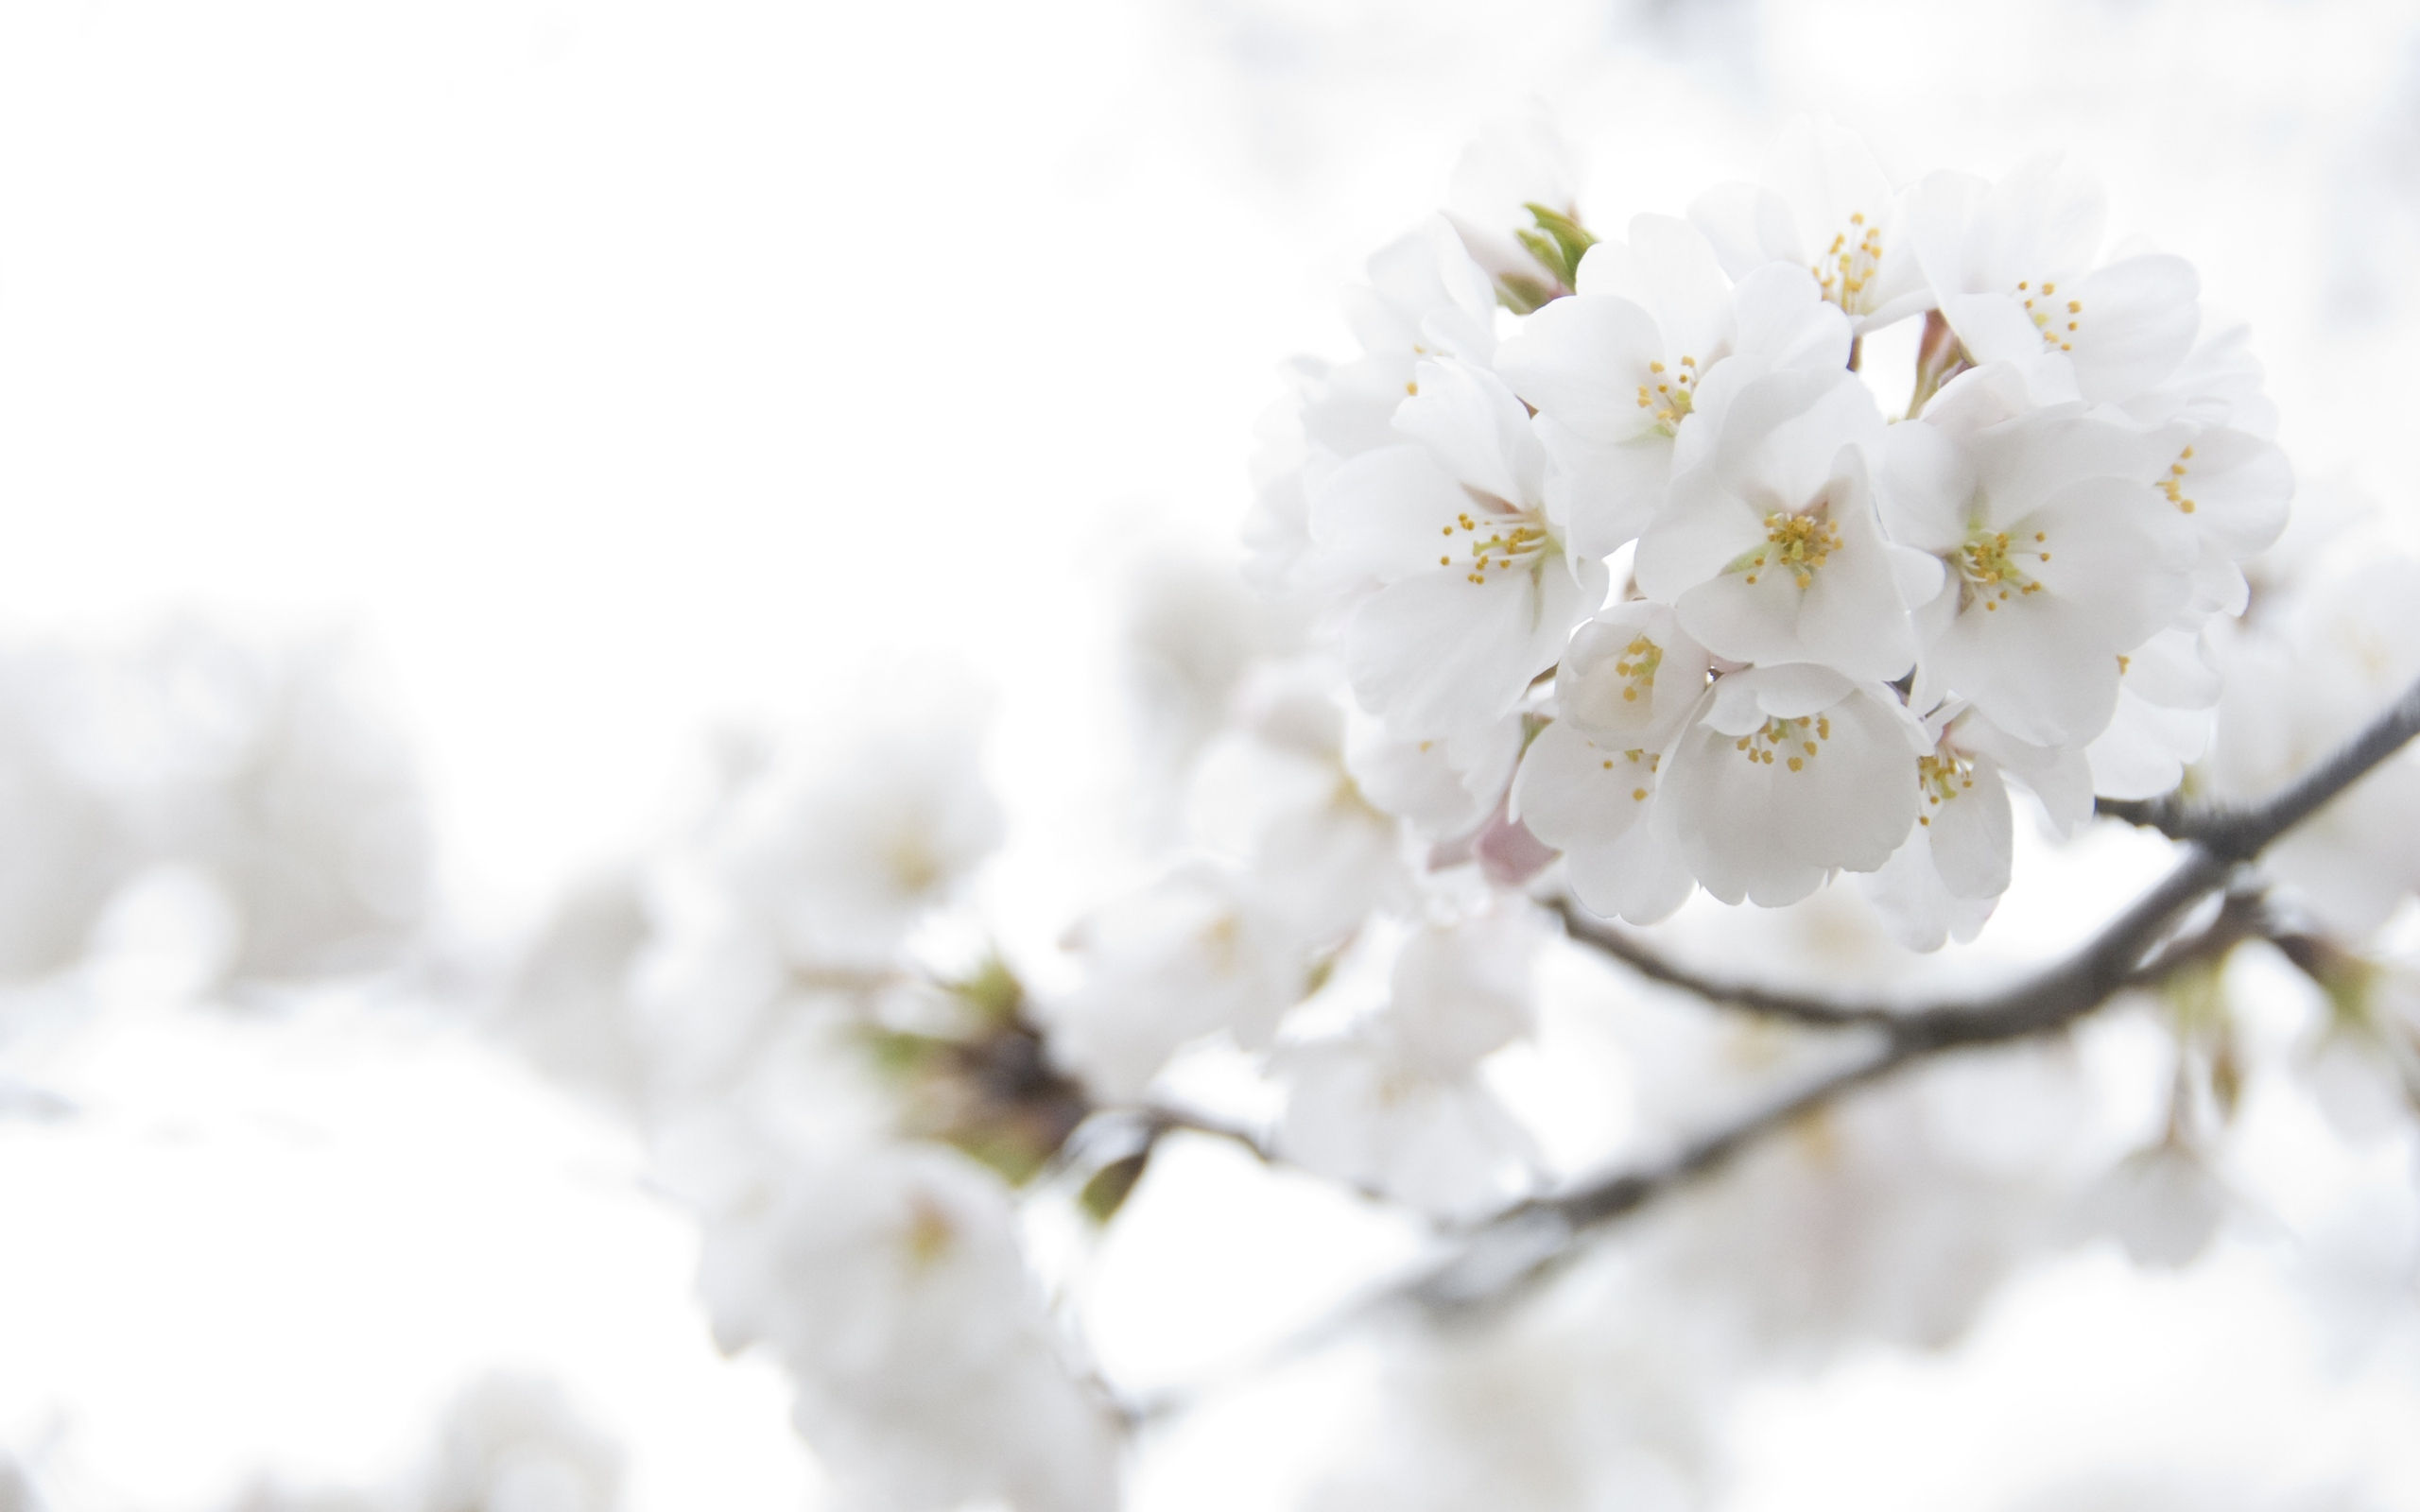 Fond décran haute définition Fleurs Blanches